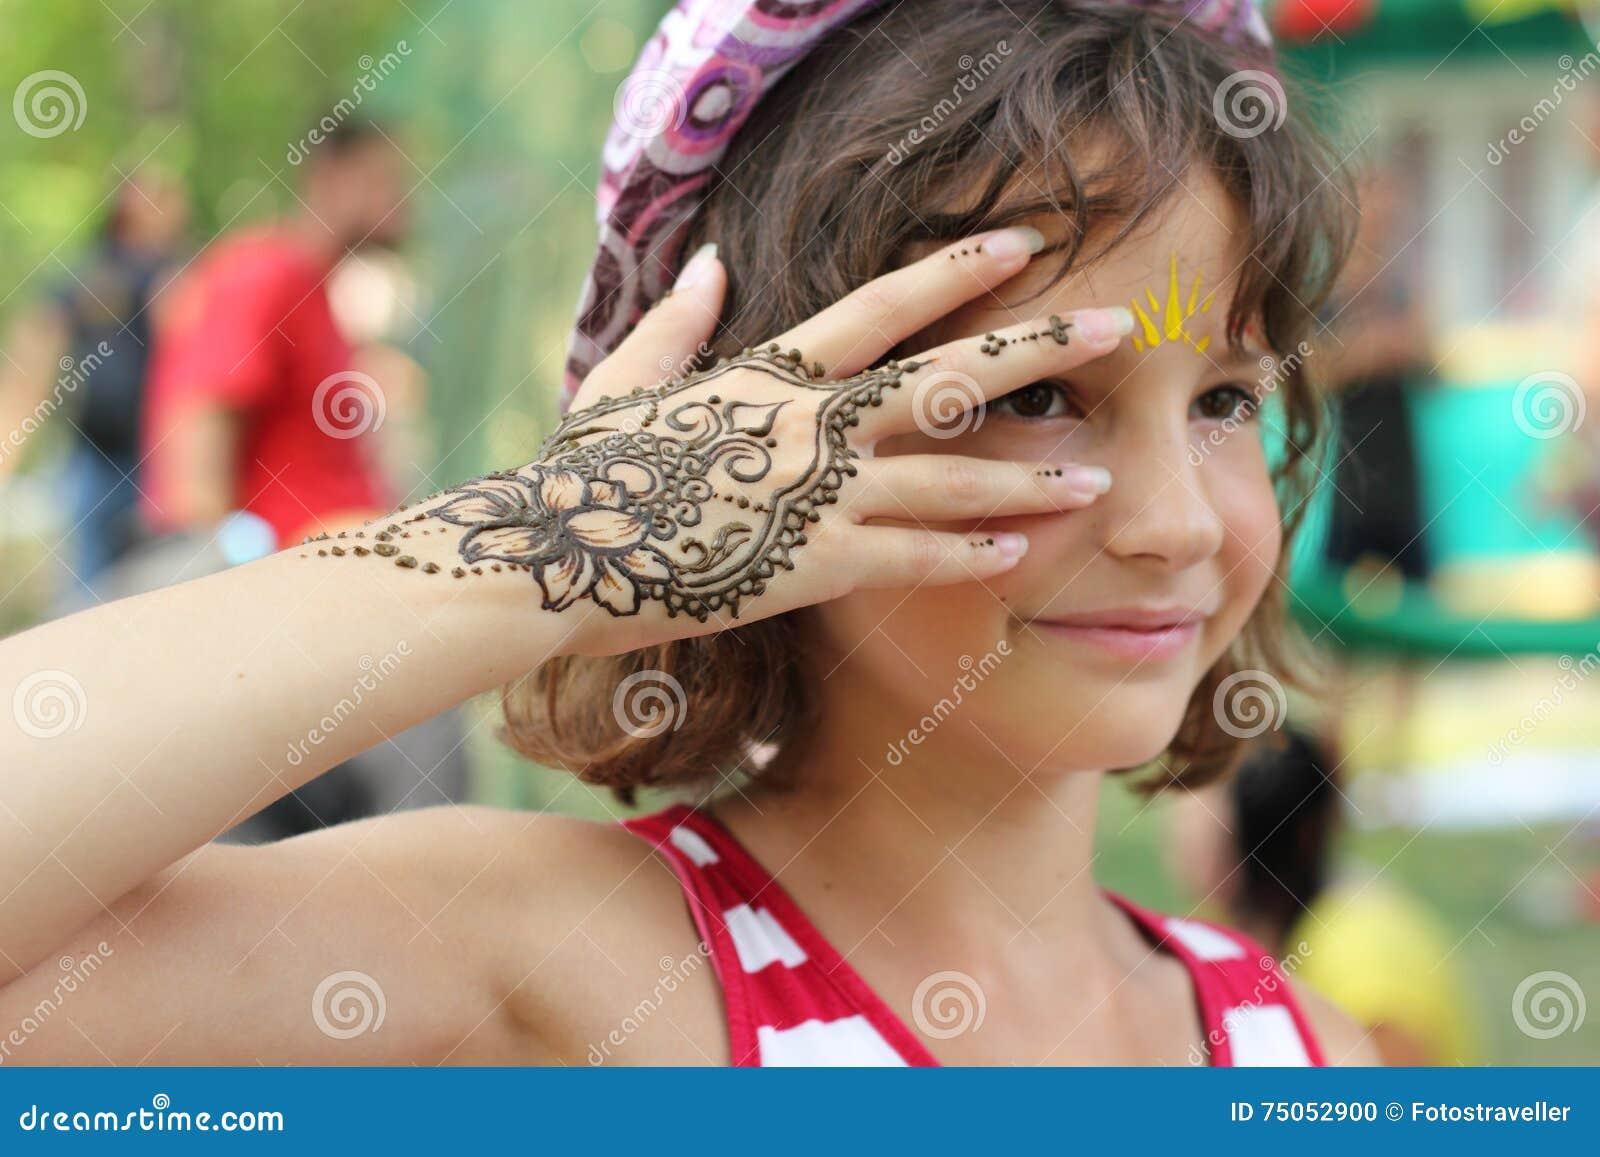 Mehendi Henna Body Painting Stock Photo Image Of Music